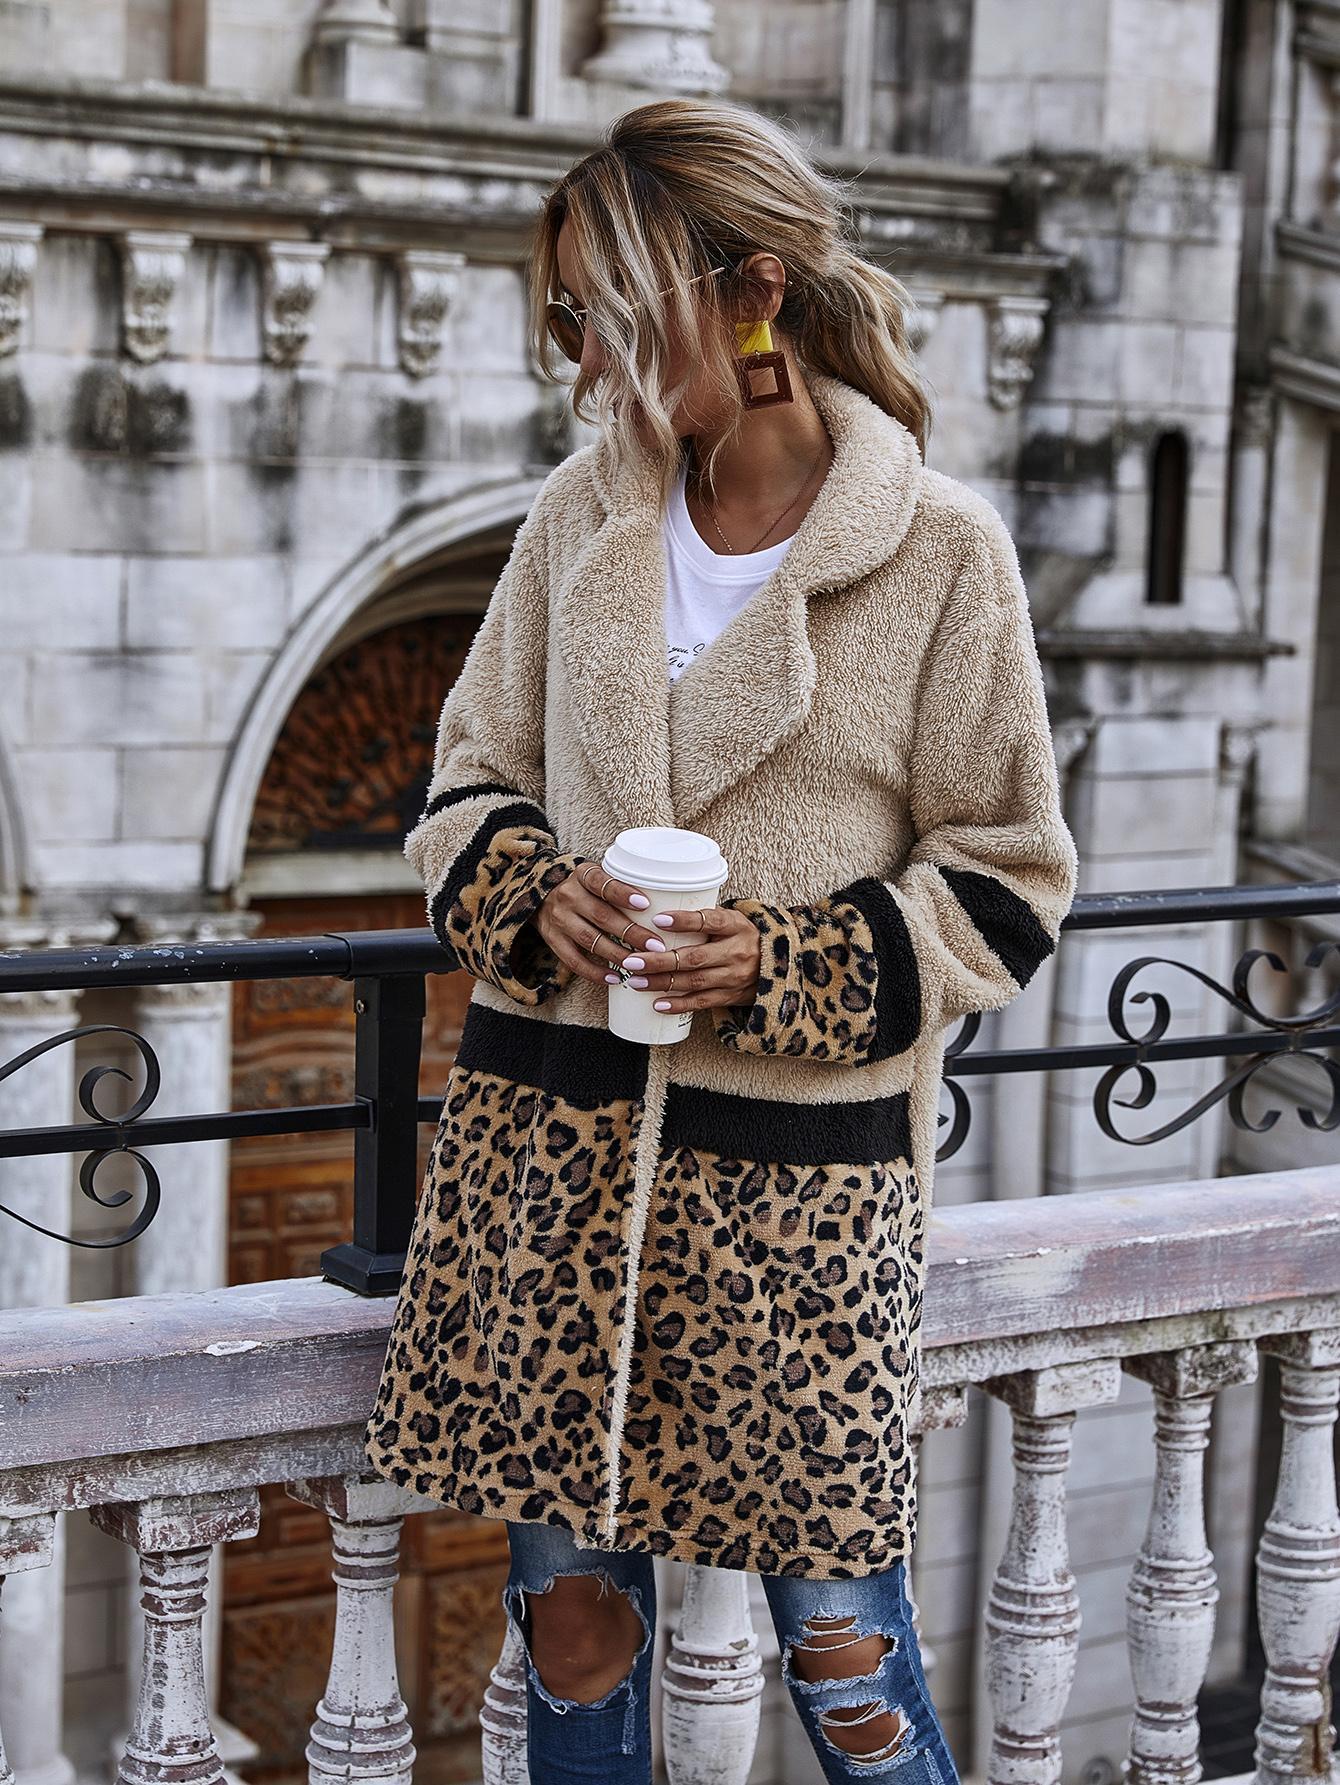 여성 레오파드 스티치 봉제 자켓 코트 패션 가을 겨울 긴 스타일 포켓 캐주얼 테디 두꺼운 착실히 보내다 들어 여성 CS2289